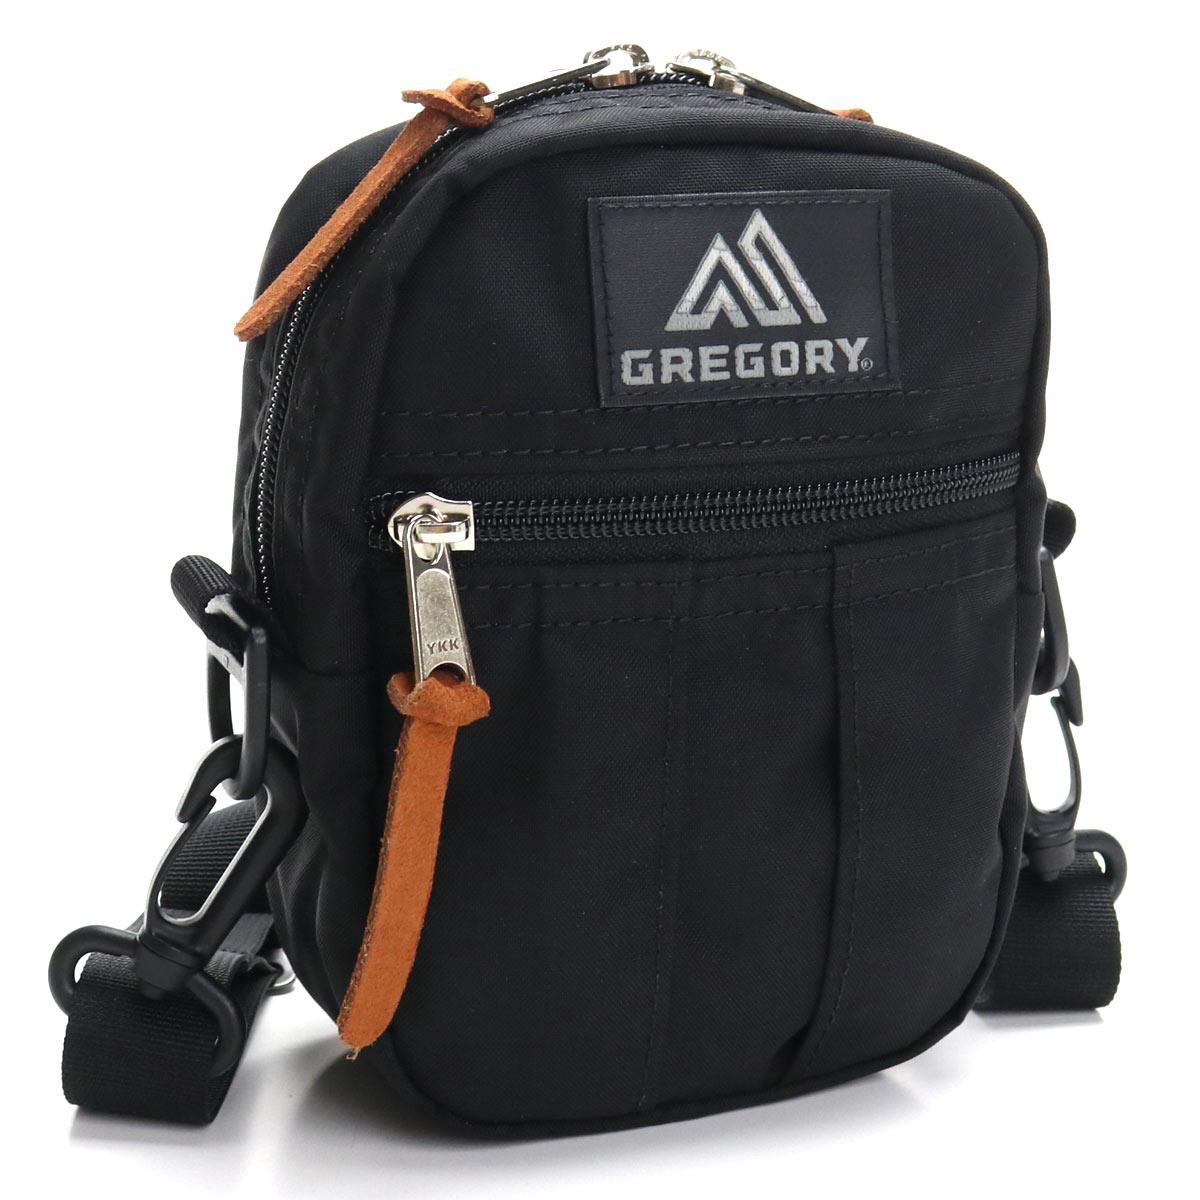 グレゴリー Gregory CLASSIC BAGS QUICKPOCKET S ポシェット 65469 1041 BLACK ブラック メンズレディース